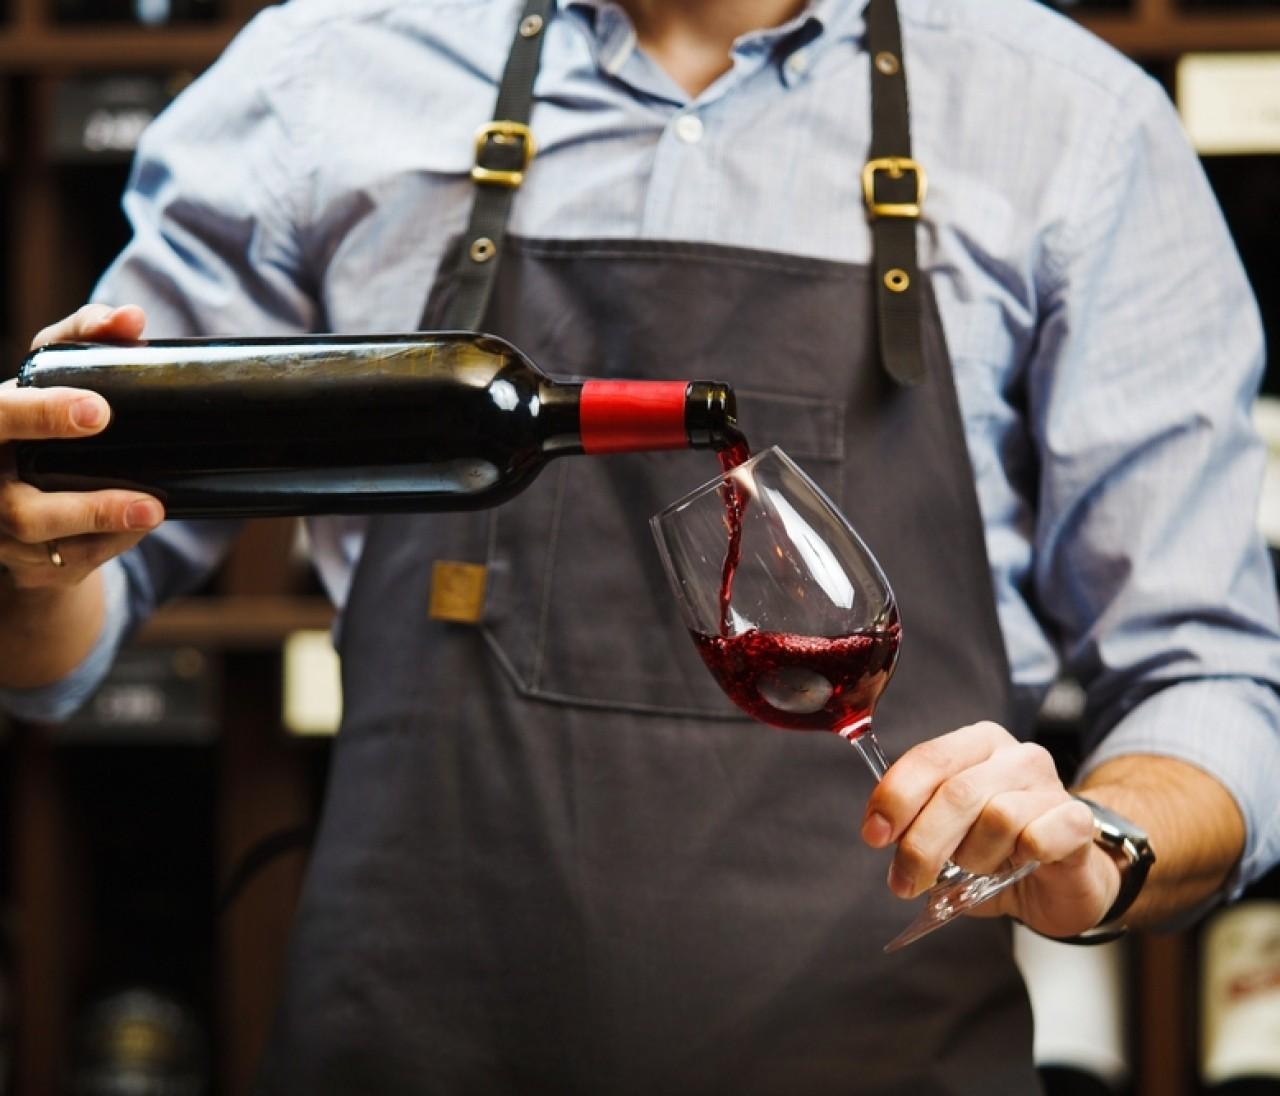 【ソムリエ監修】ご近所で買えるおすすめおうちワイン#2【ファミリーマート編】